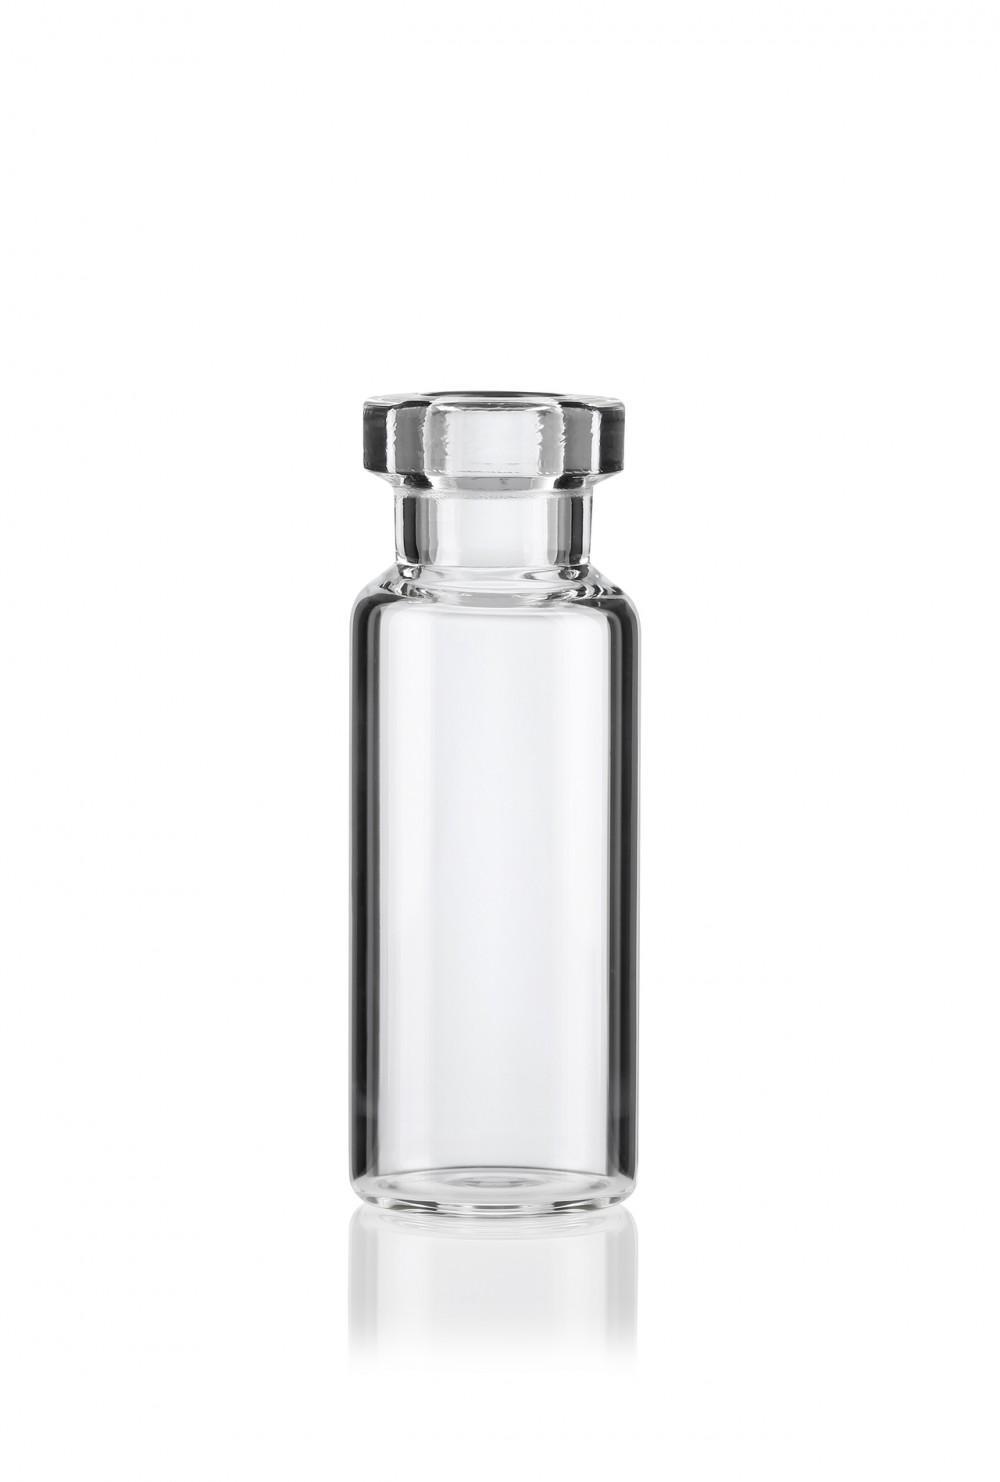 管狀玻璃小瓶